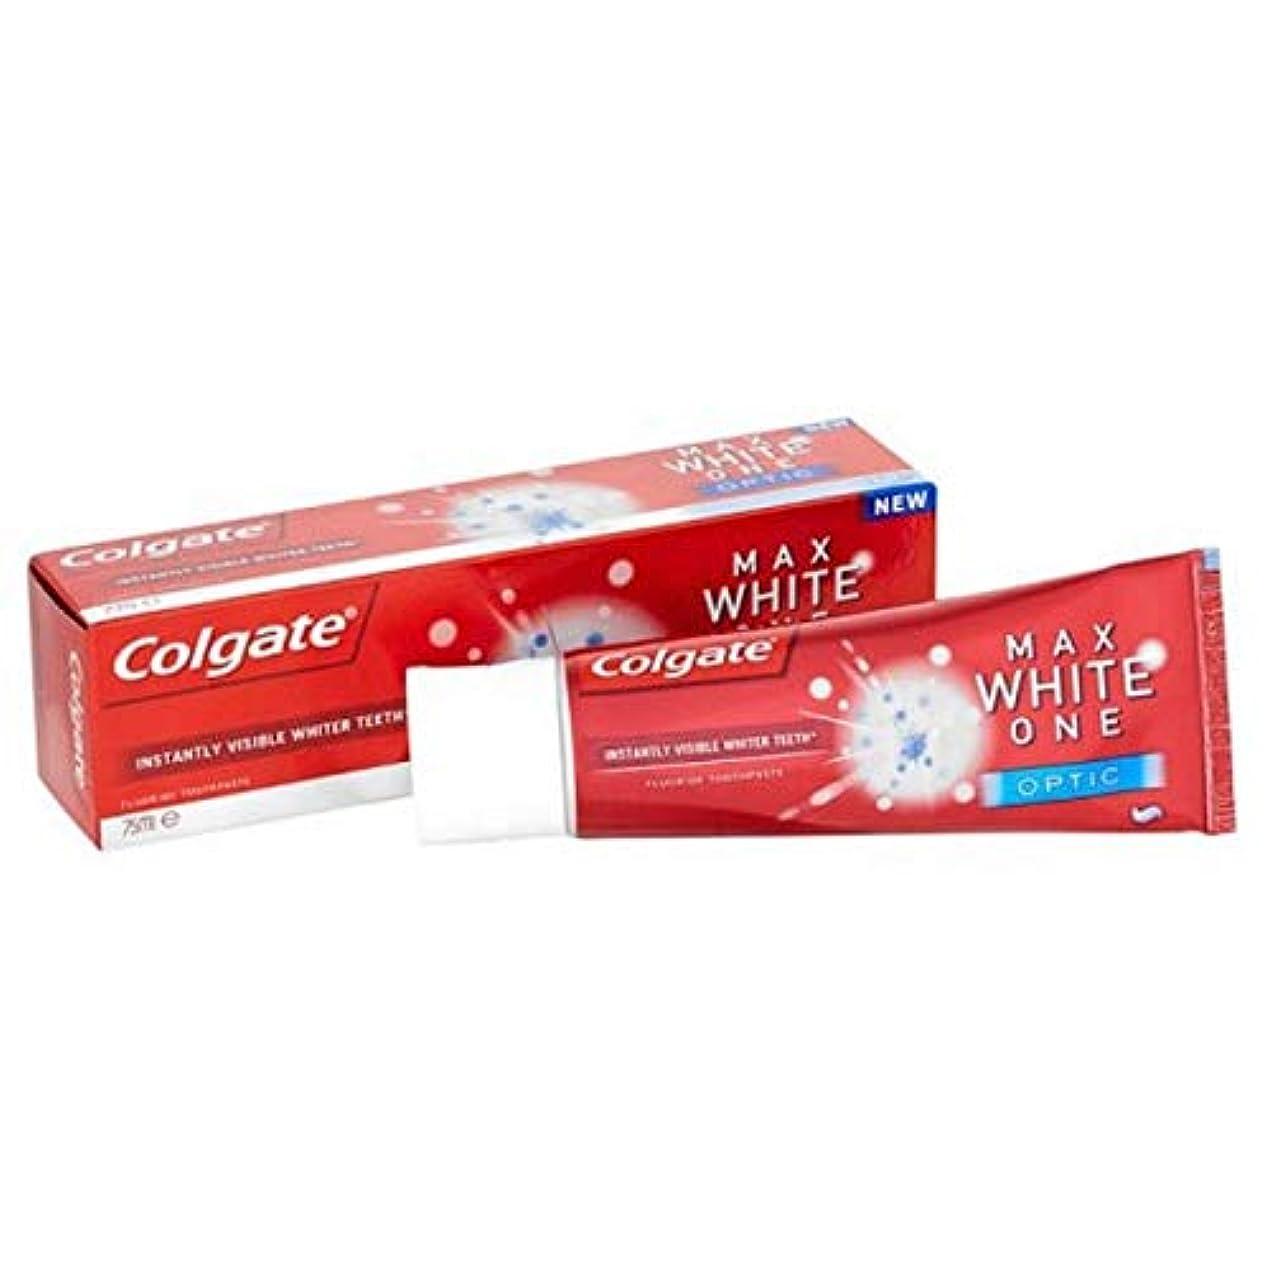 出会い生き物ヘルメット[Colgate ] コルゲート最大白1つの光学歯磨き粉25ミリリットル - Colgate Max White One Optic Toothpaste 25ml [並行輸入品]